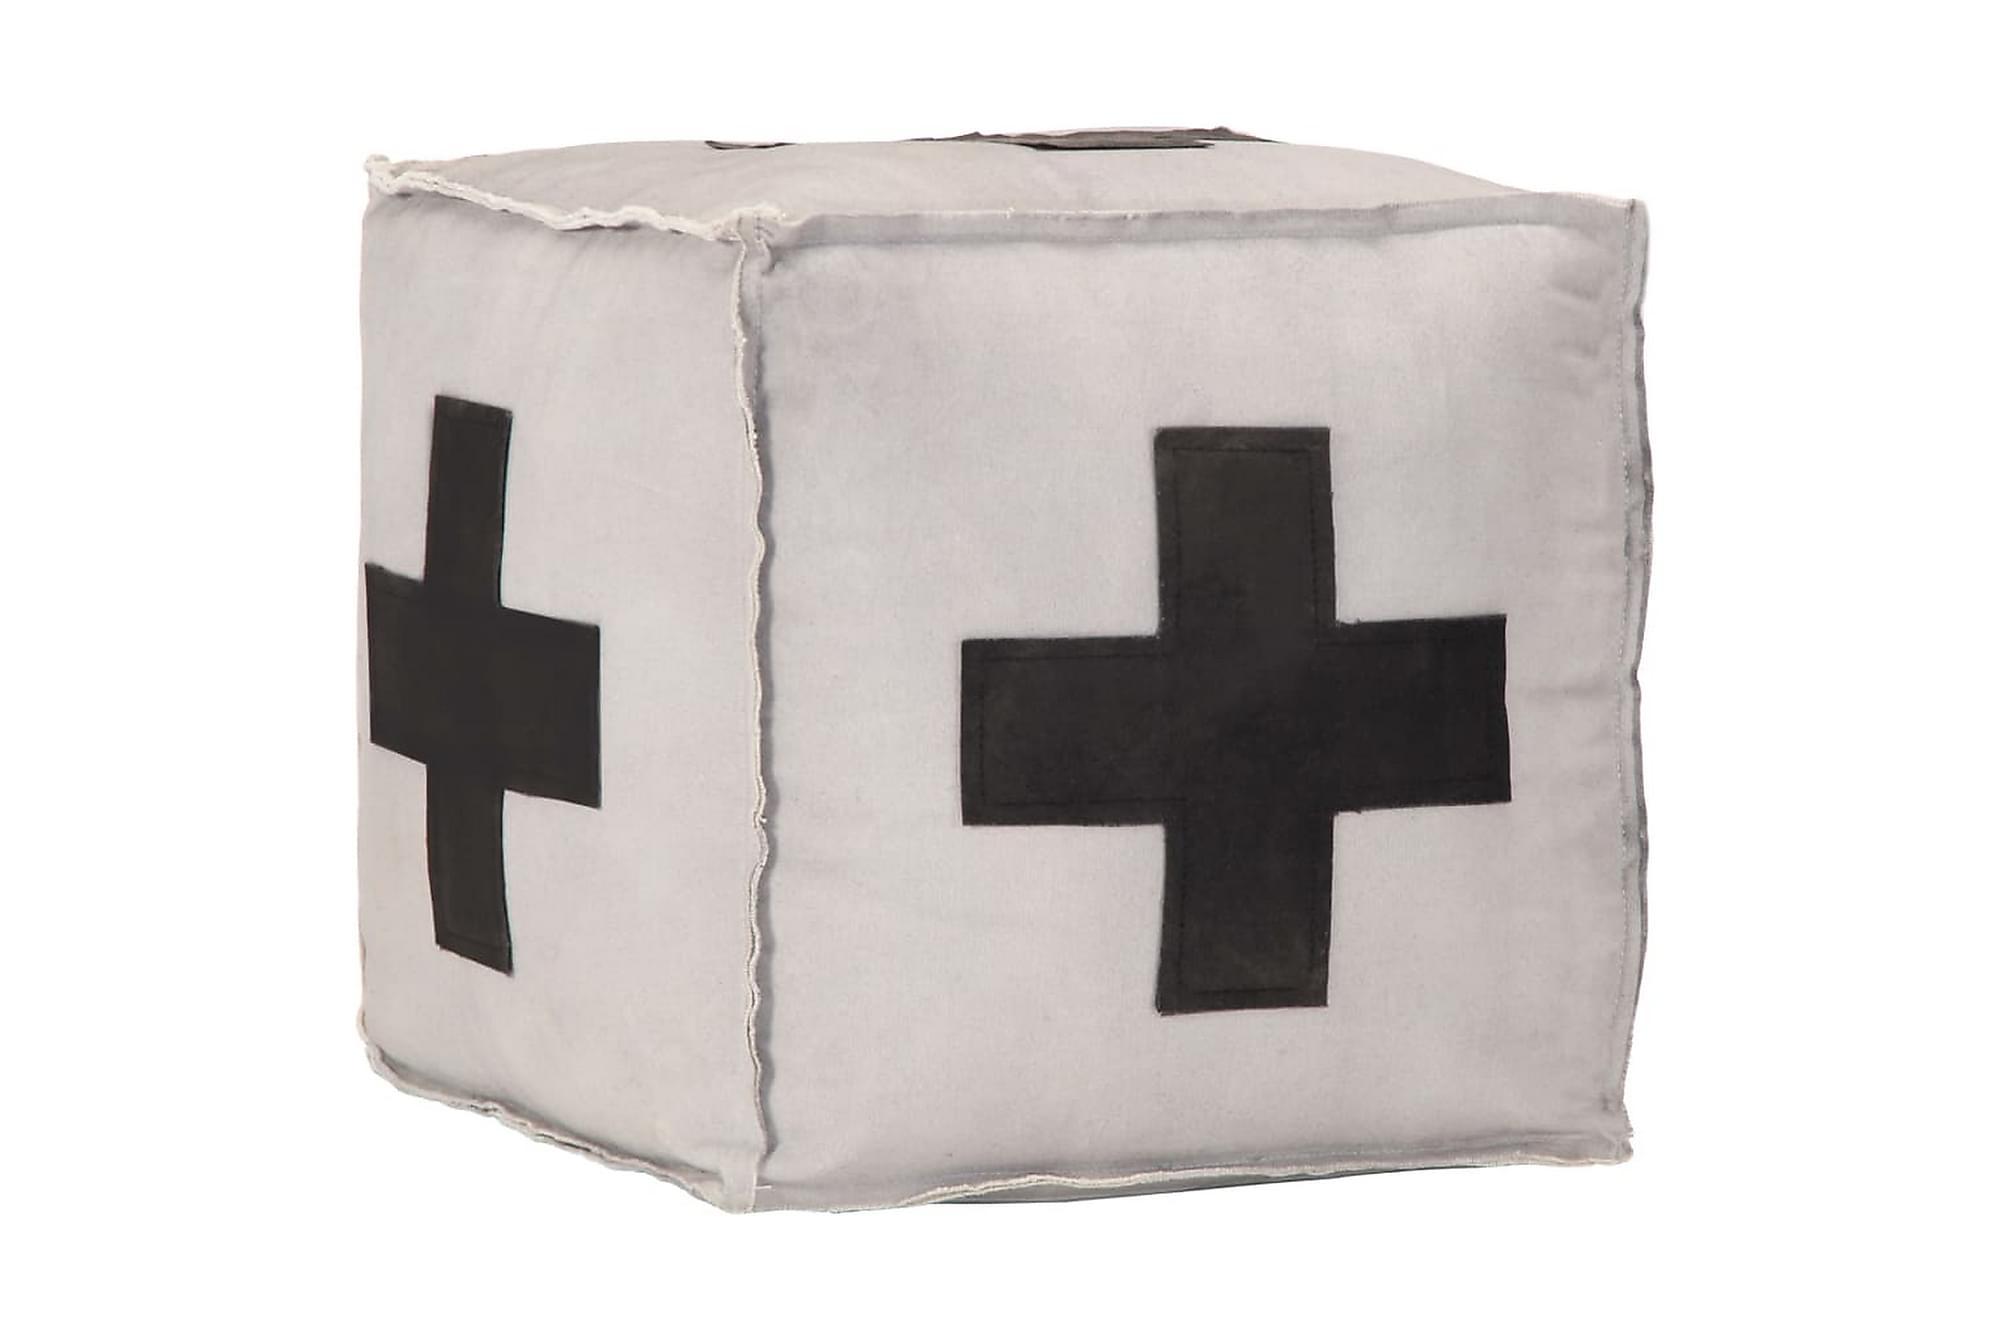 Sittpuff grå 40x40x40 cm bomullskanvas och läder